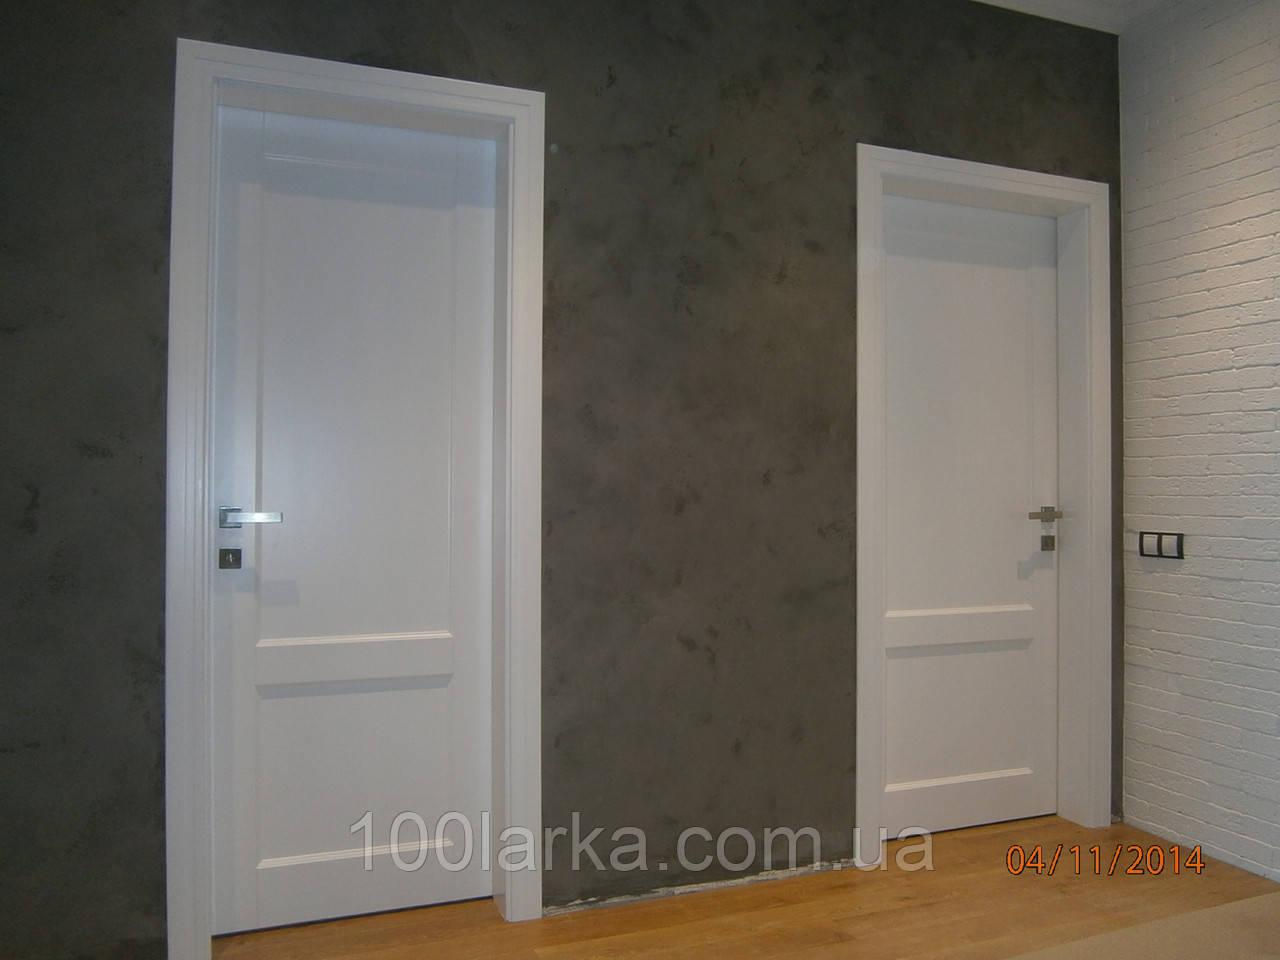 Двері М-4/2 міжкімнатні з ясена в Києві